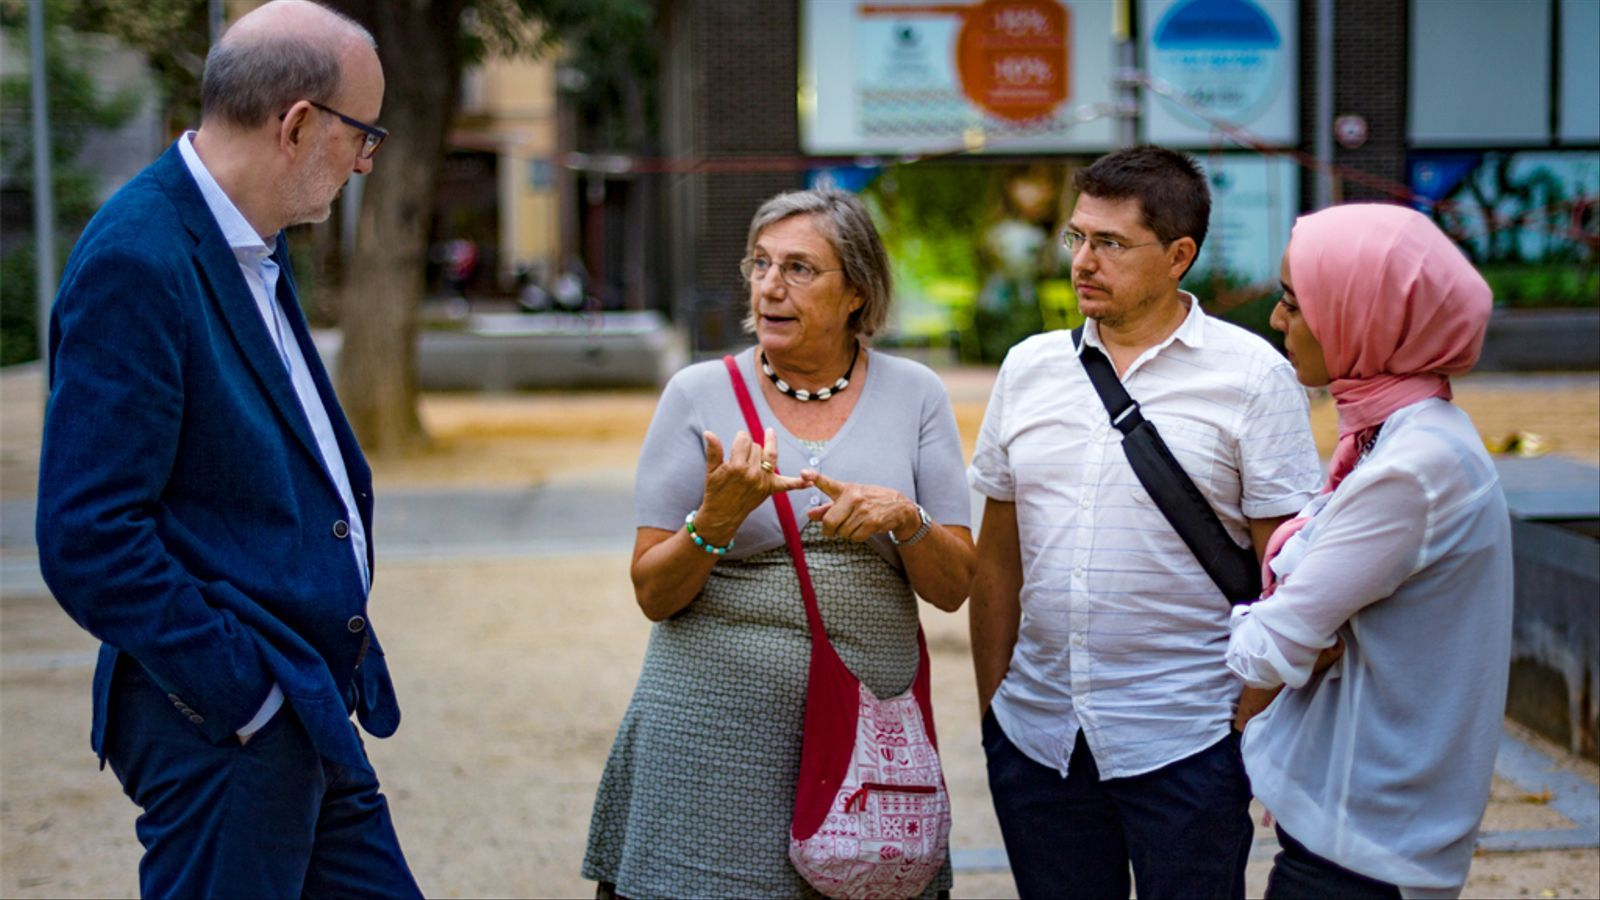 Debat d'Antoni Bassas amb Hanan el Yazidi, Maria Majó i Xavier Gual